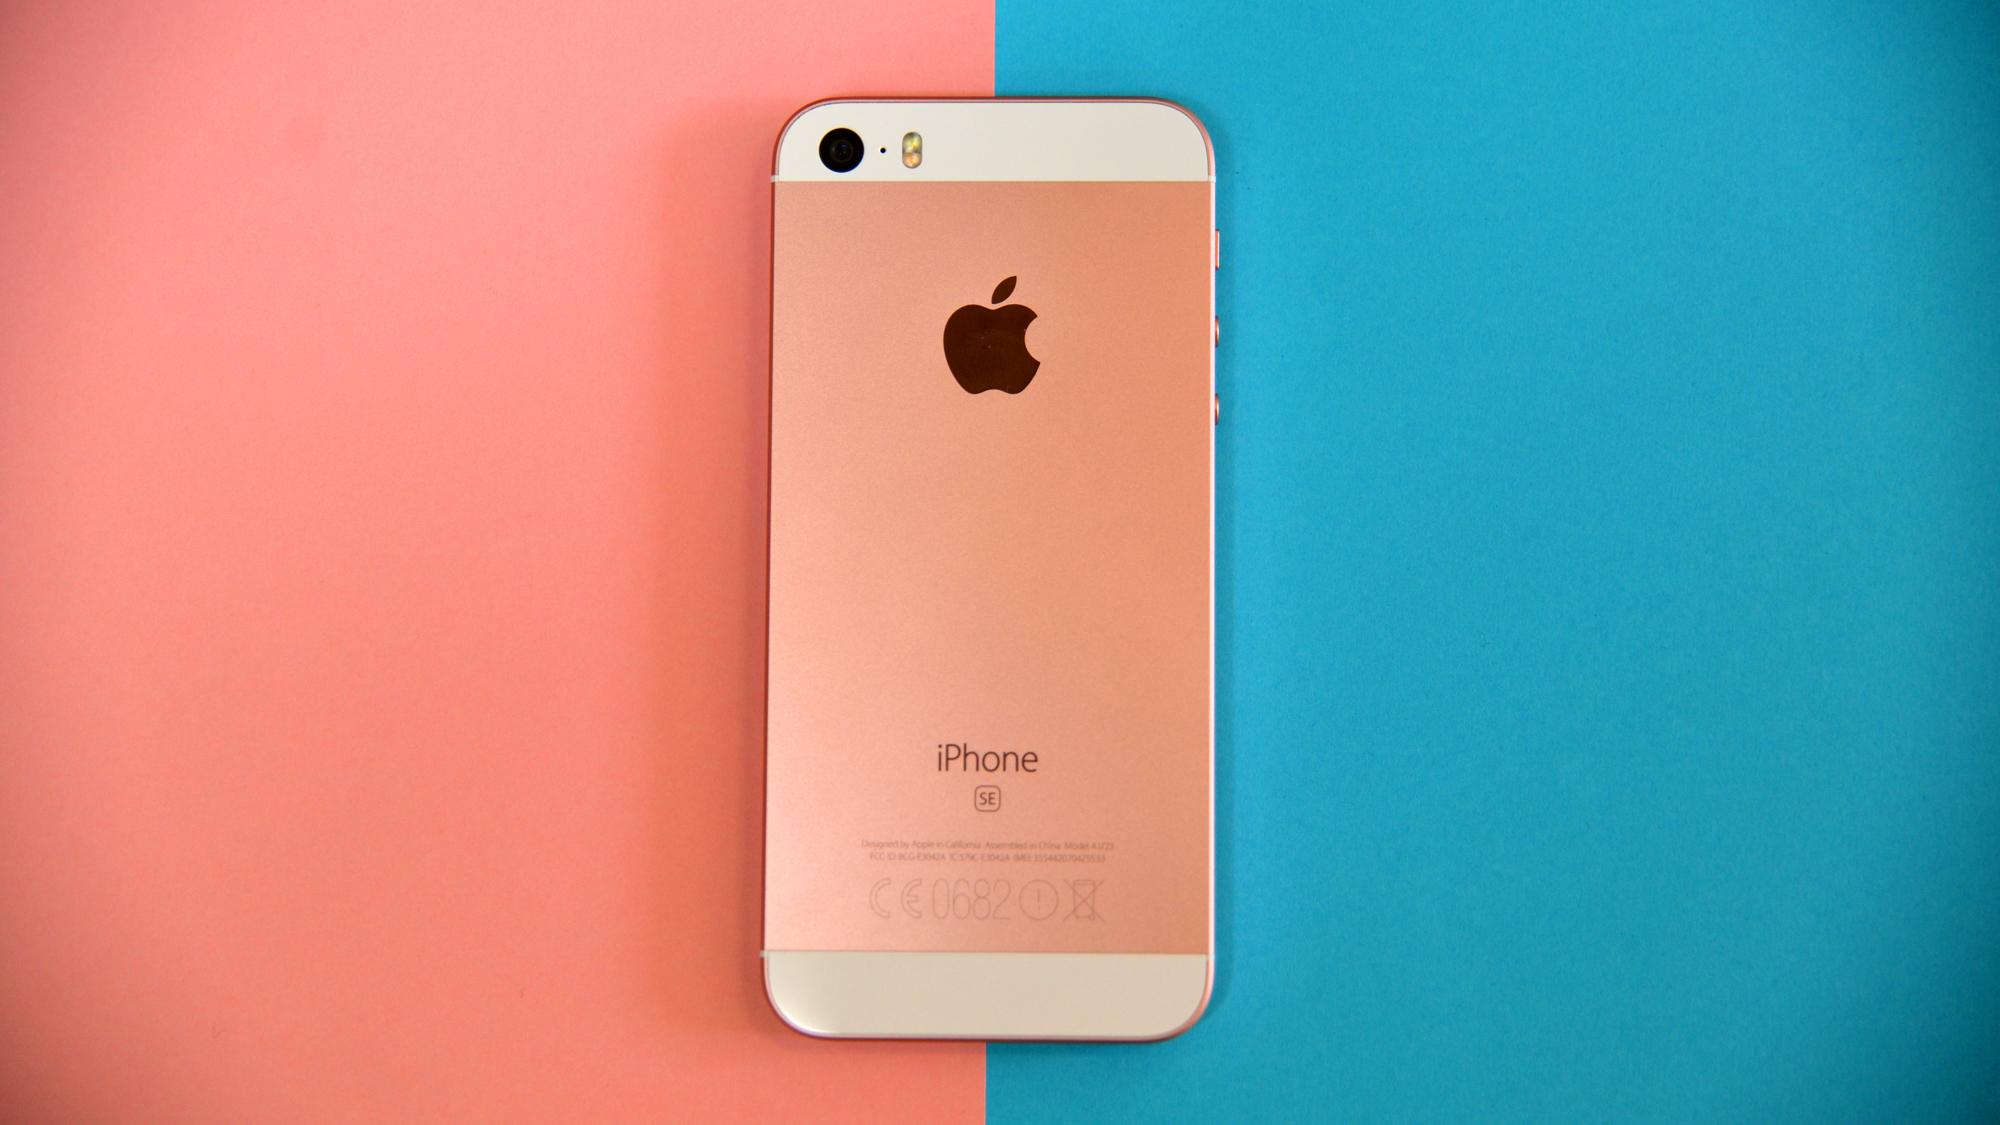 apple met jour ses iphone se avec des mod les 32 et 128. Black Bedroom Furniture Sets. Home Design Ideas